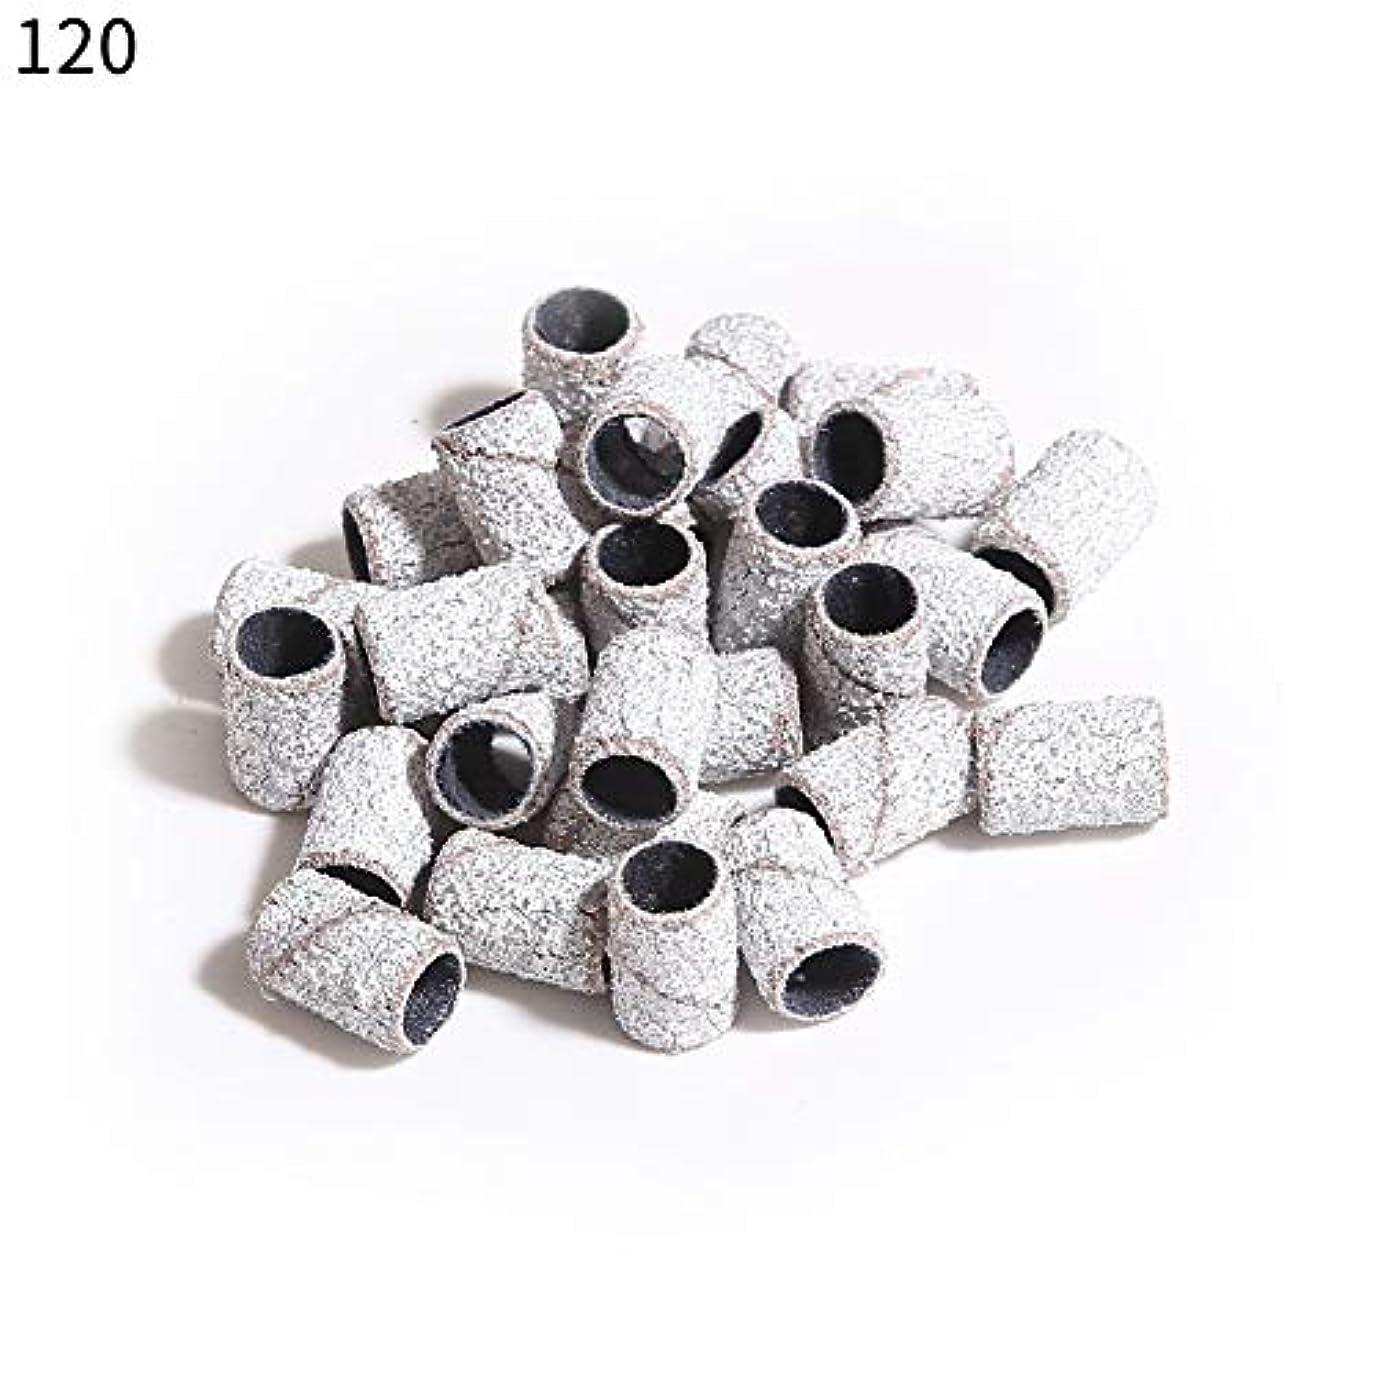 Murakush ネイルリング ネイルパッド ネイルツール 120#&180# 100個 ホワイトサークル 2つのモデルがある 120#